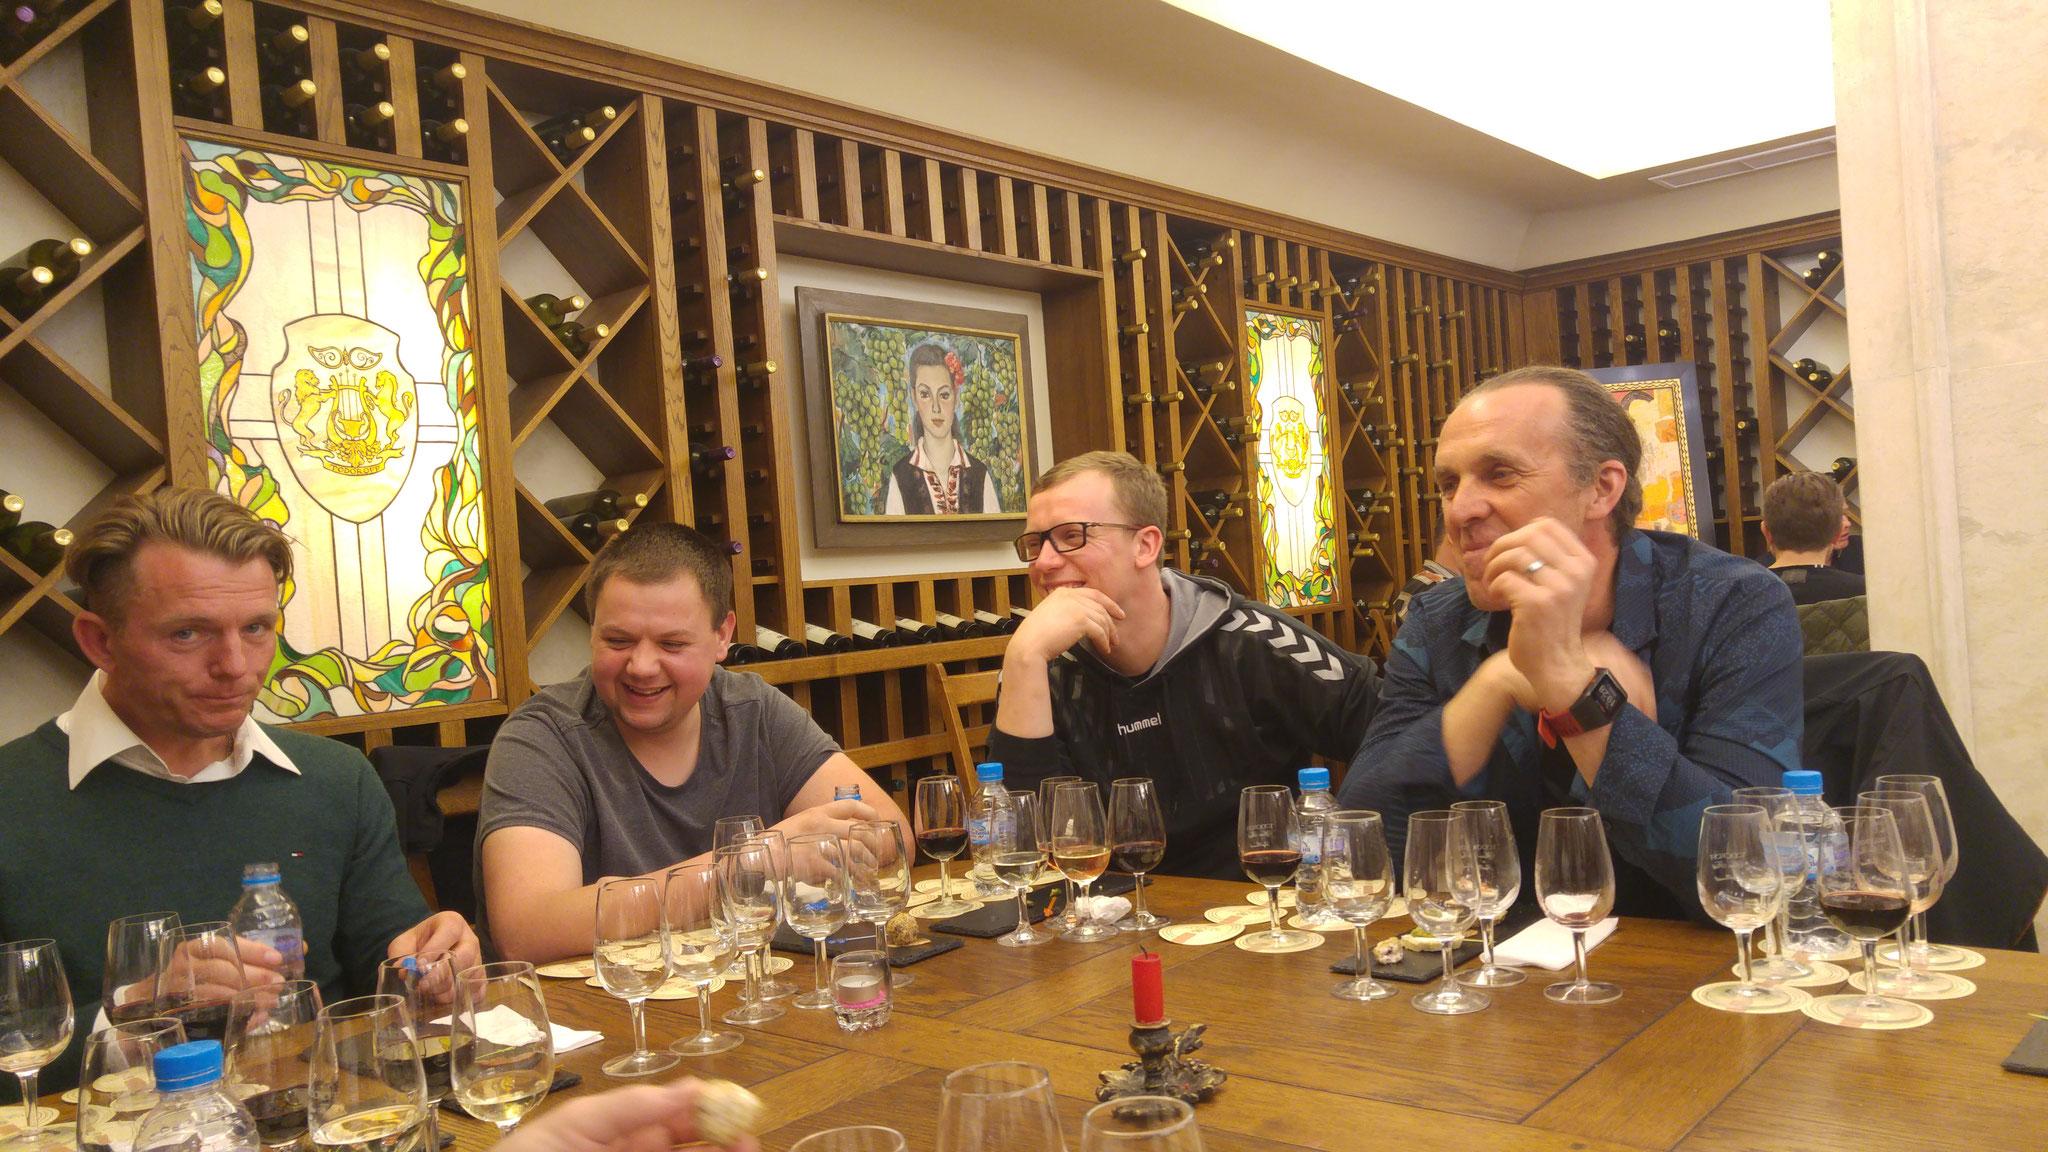 © Michael Wagner - Unsere Crew aus Berlin bei der Weinverkostung